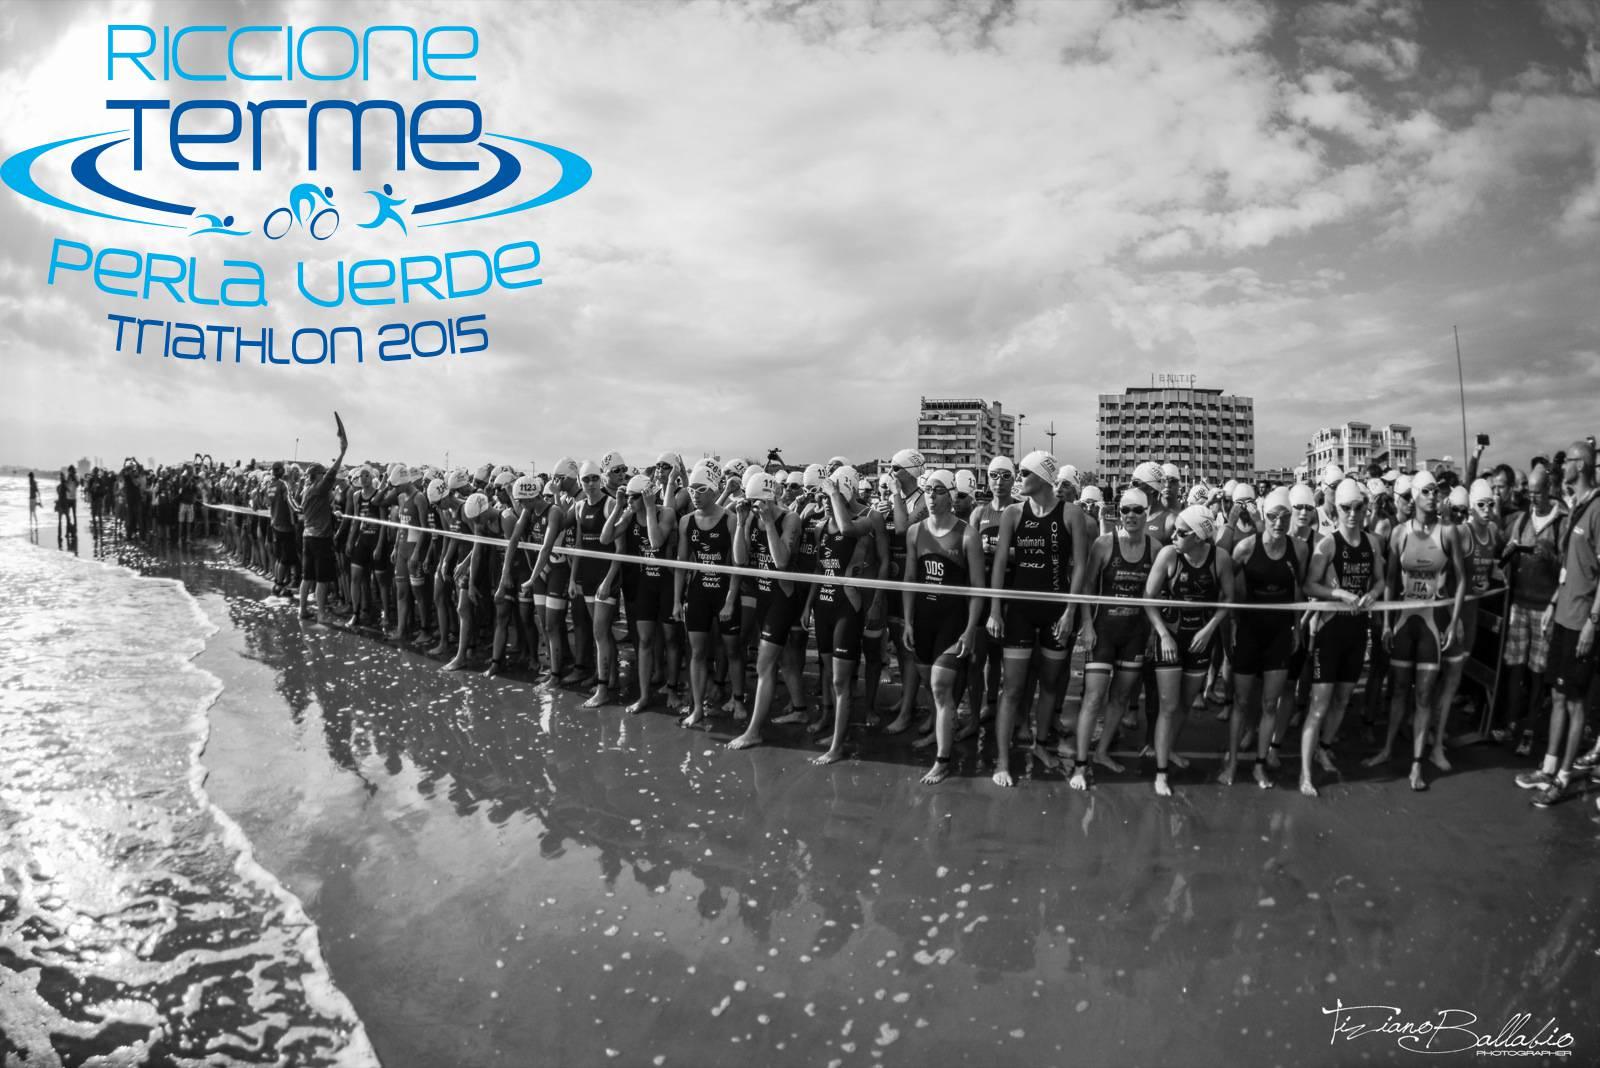 Campionati Italiani di Triathlon